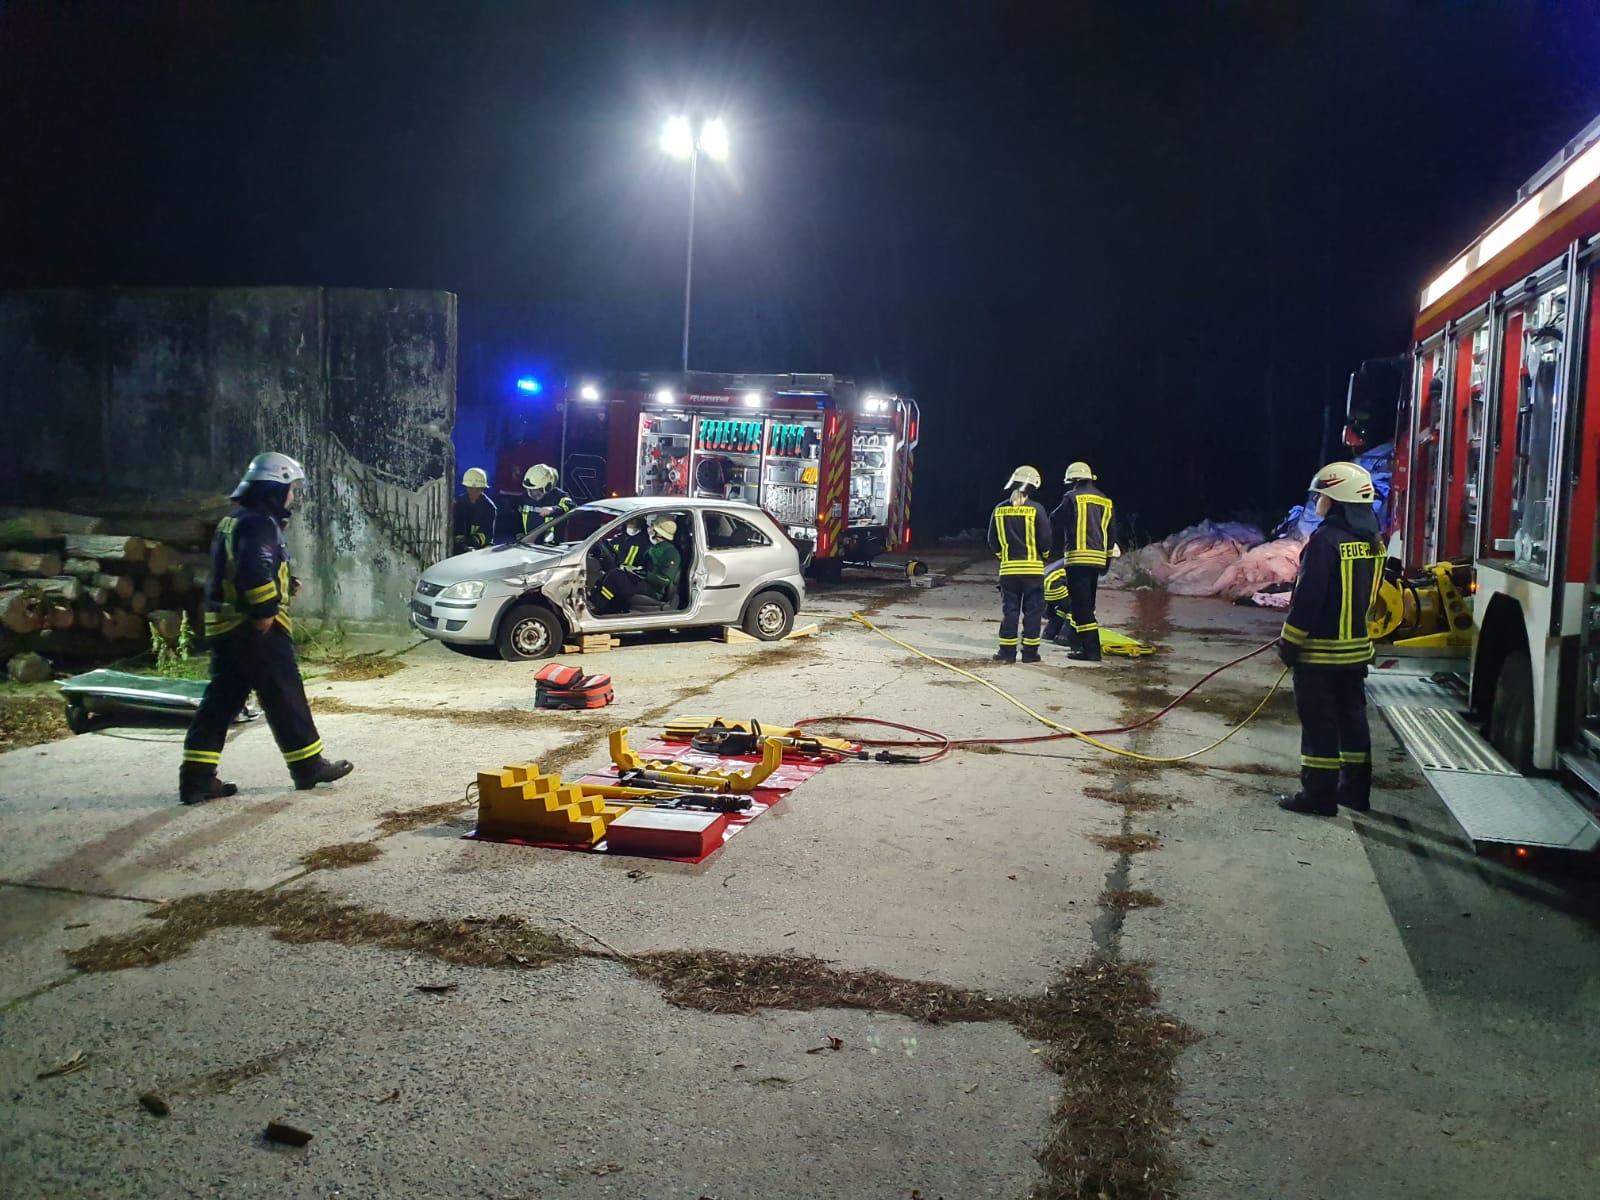 2019-10-23_Feuerwehr-trainiert-Verkehrsunfallhilfe_02